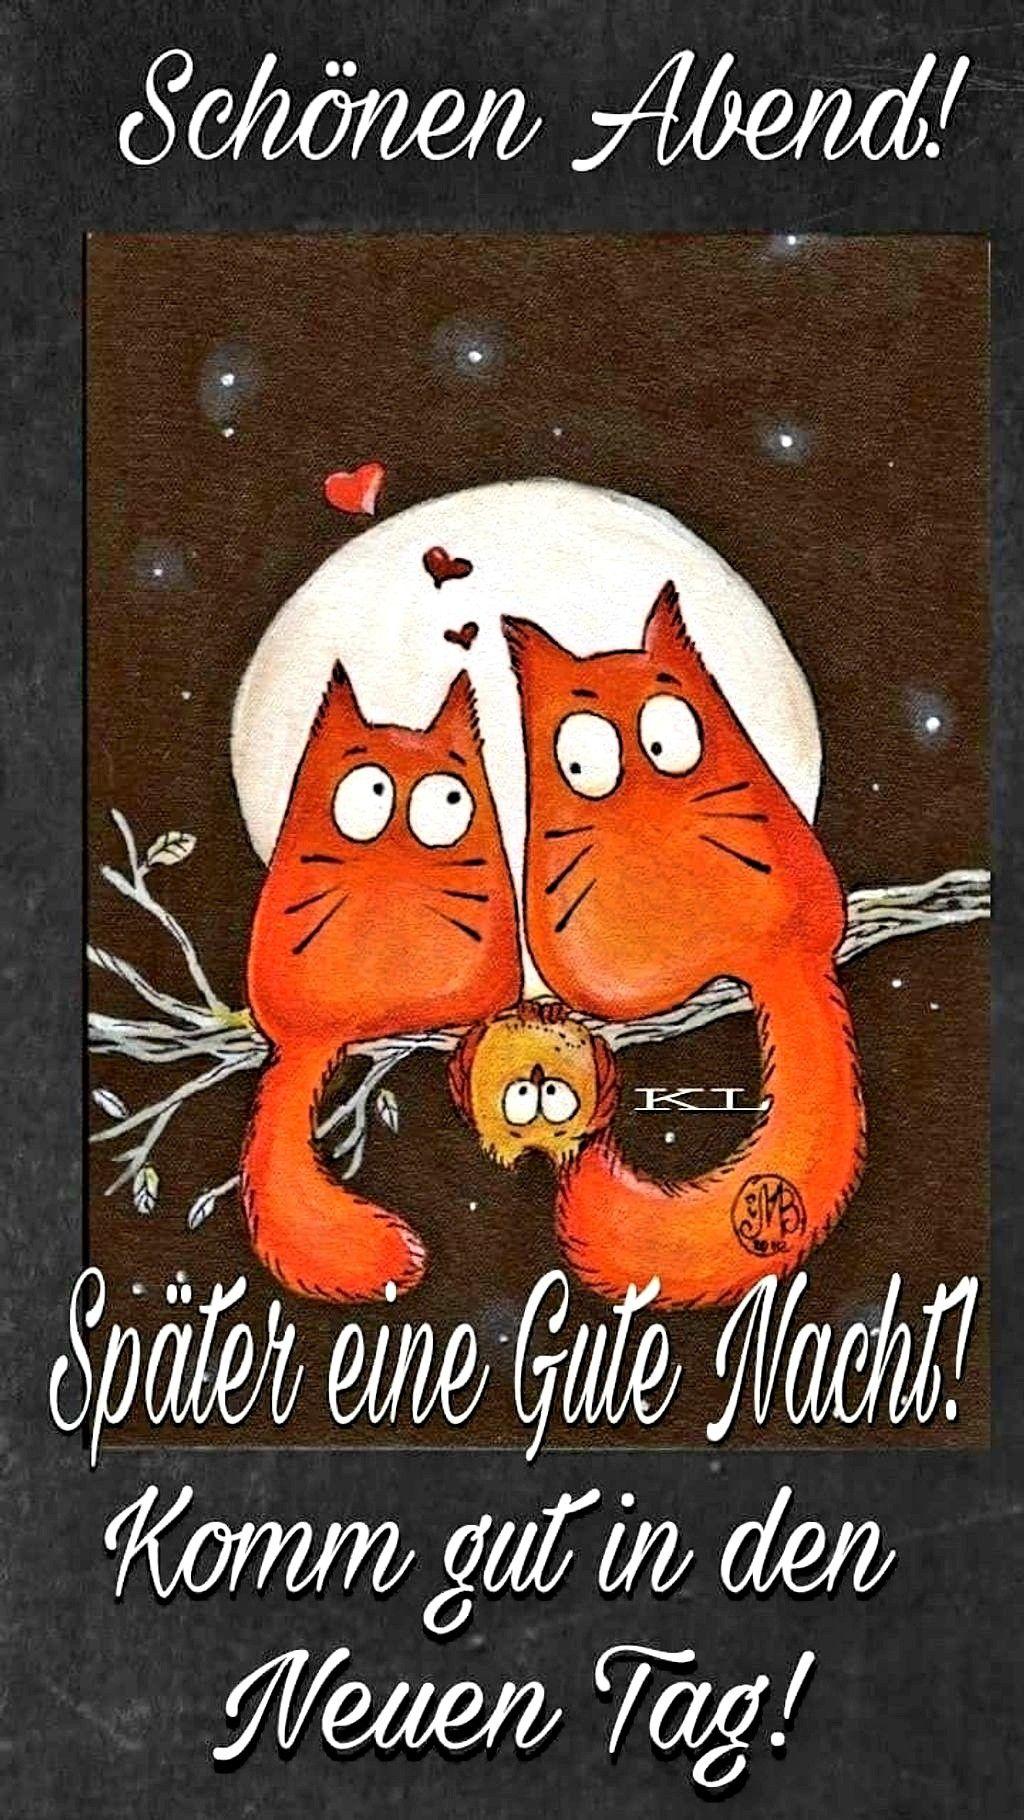 Pin Von Elke Kramer Auf Guten Abend Gute Nacht Gute Nacht Bilder Gute Nacht Nacht